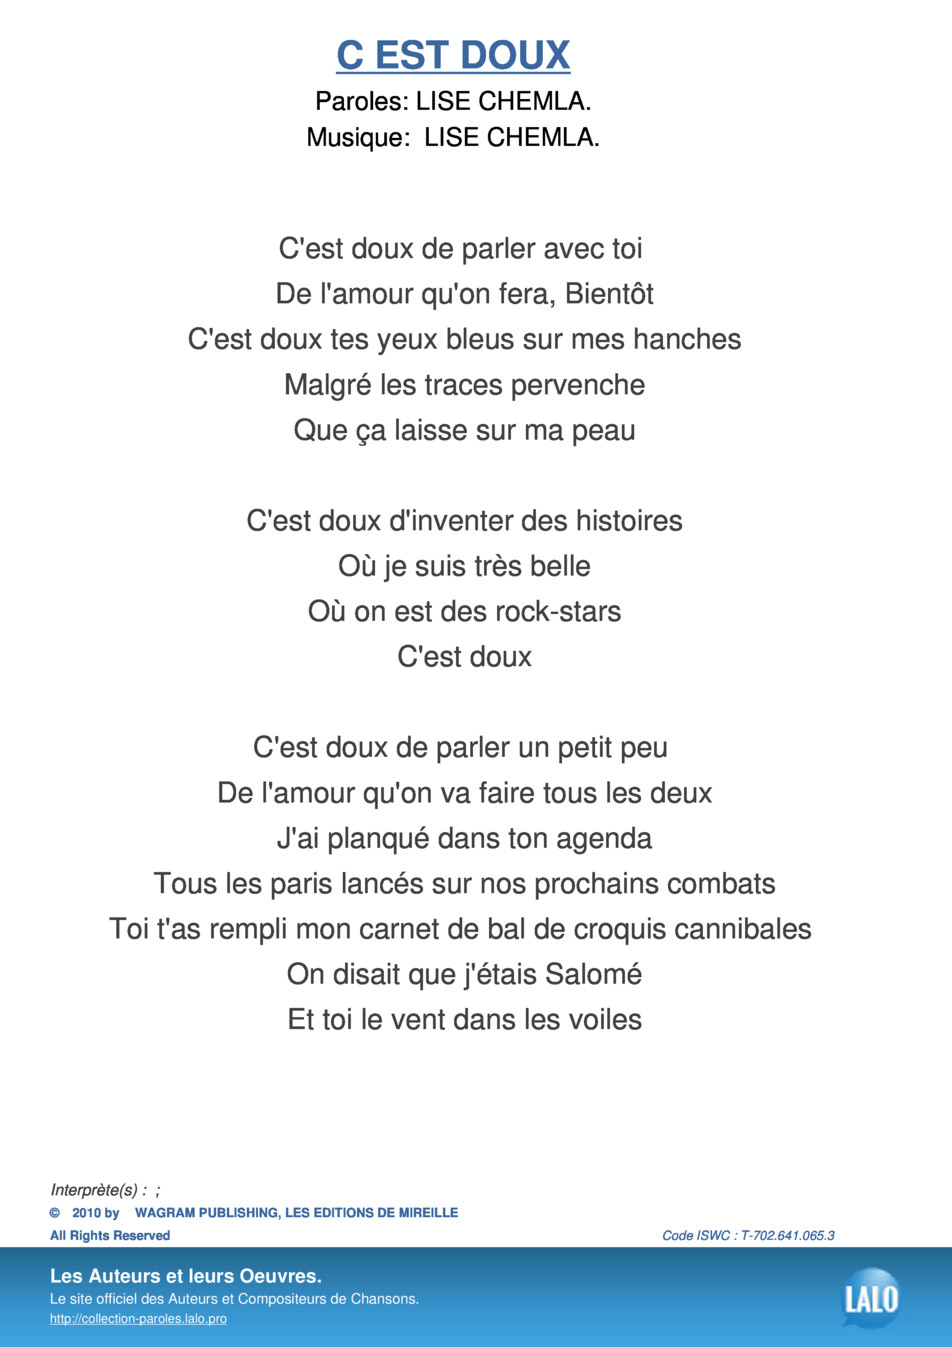 Paroles Et Musique De C Est Doux - Lalo.pro encequiconcerne Le Vent Dans Les Voiles Chanson